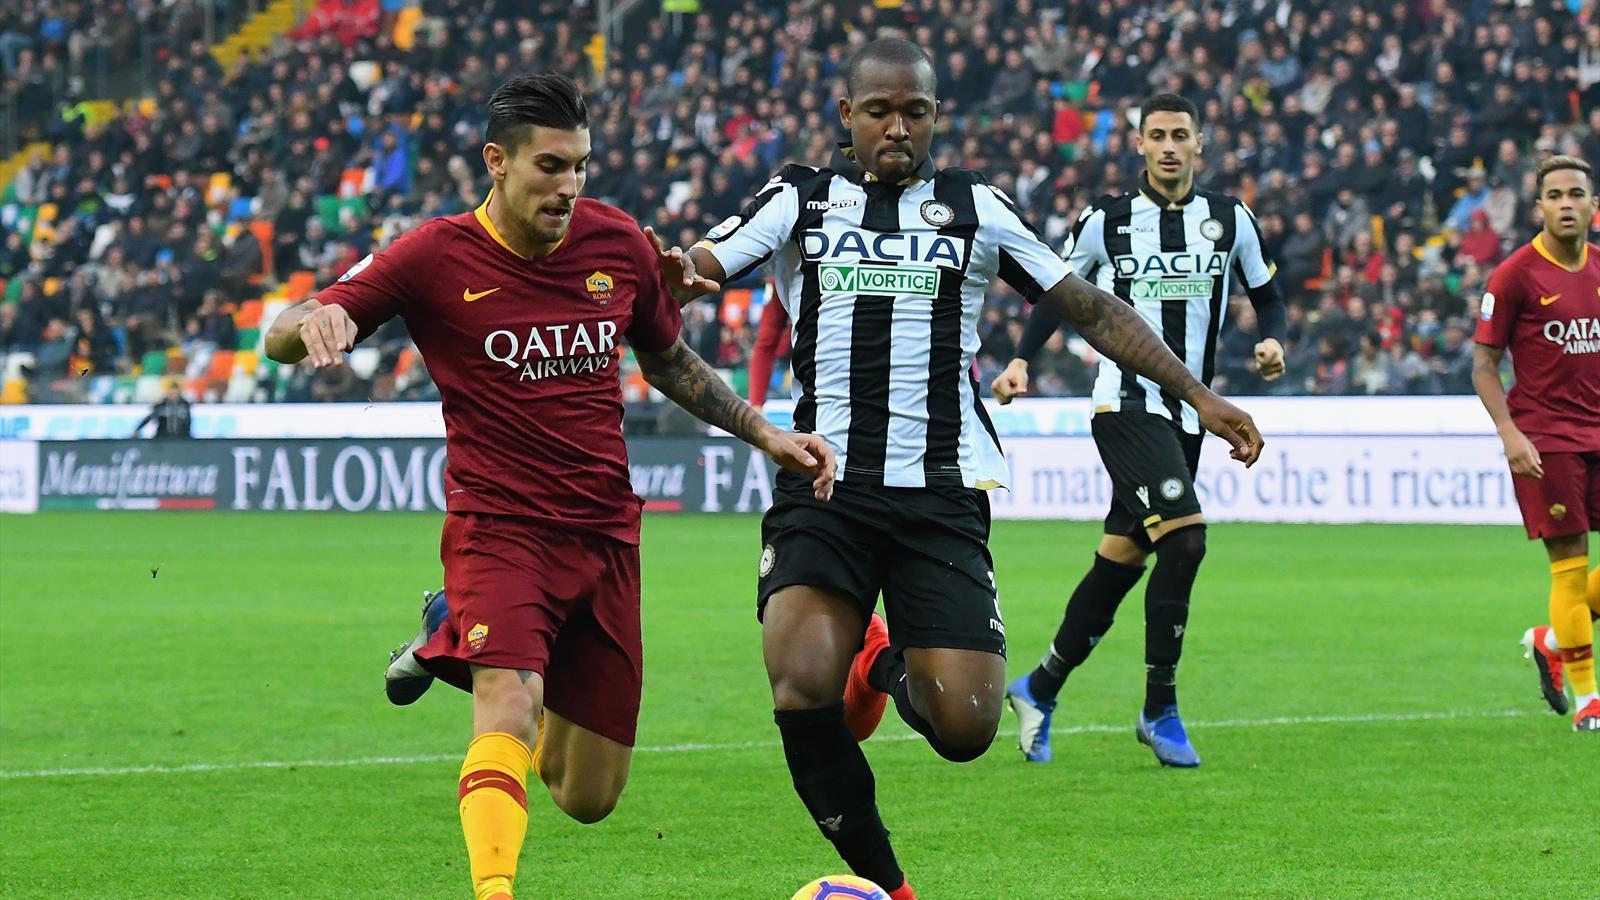 Roma-Udinese: probabili formazioni e statistiche